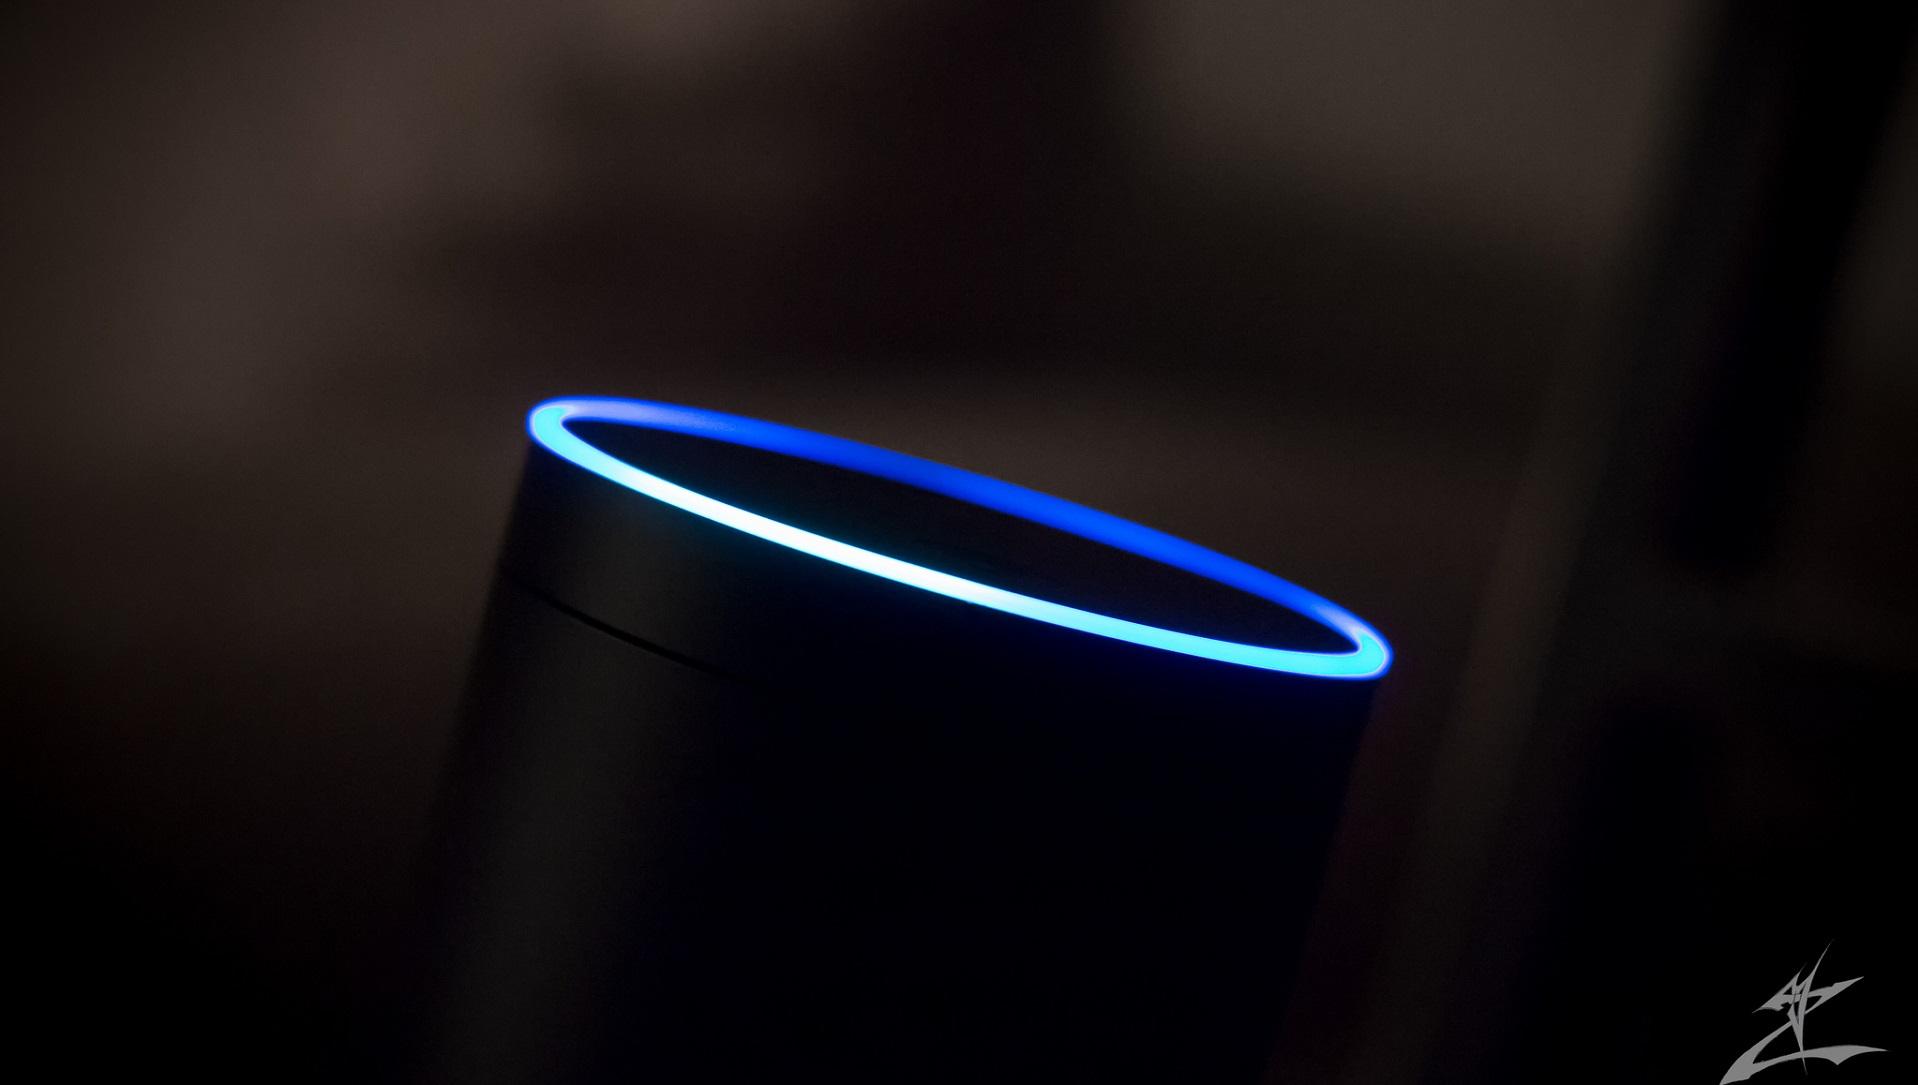 Cómo en 2020 habrá 4 dispositivos conectados por habitante